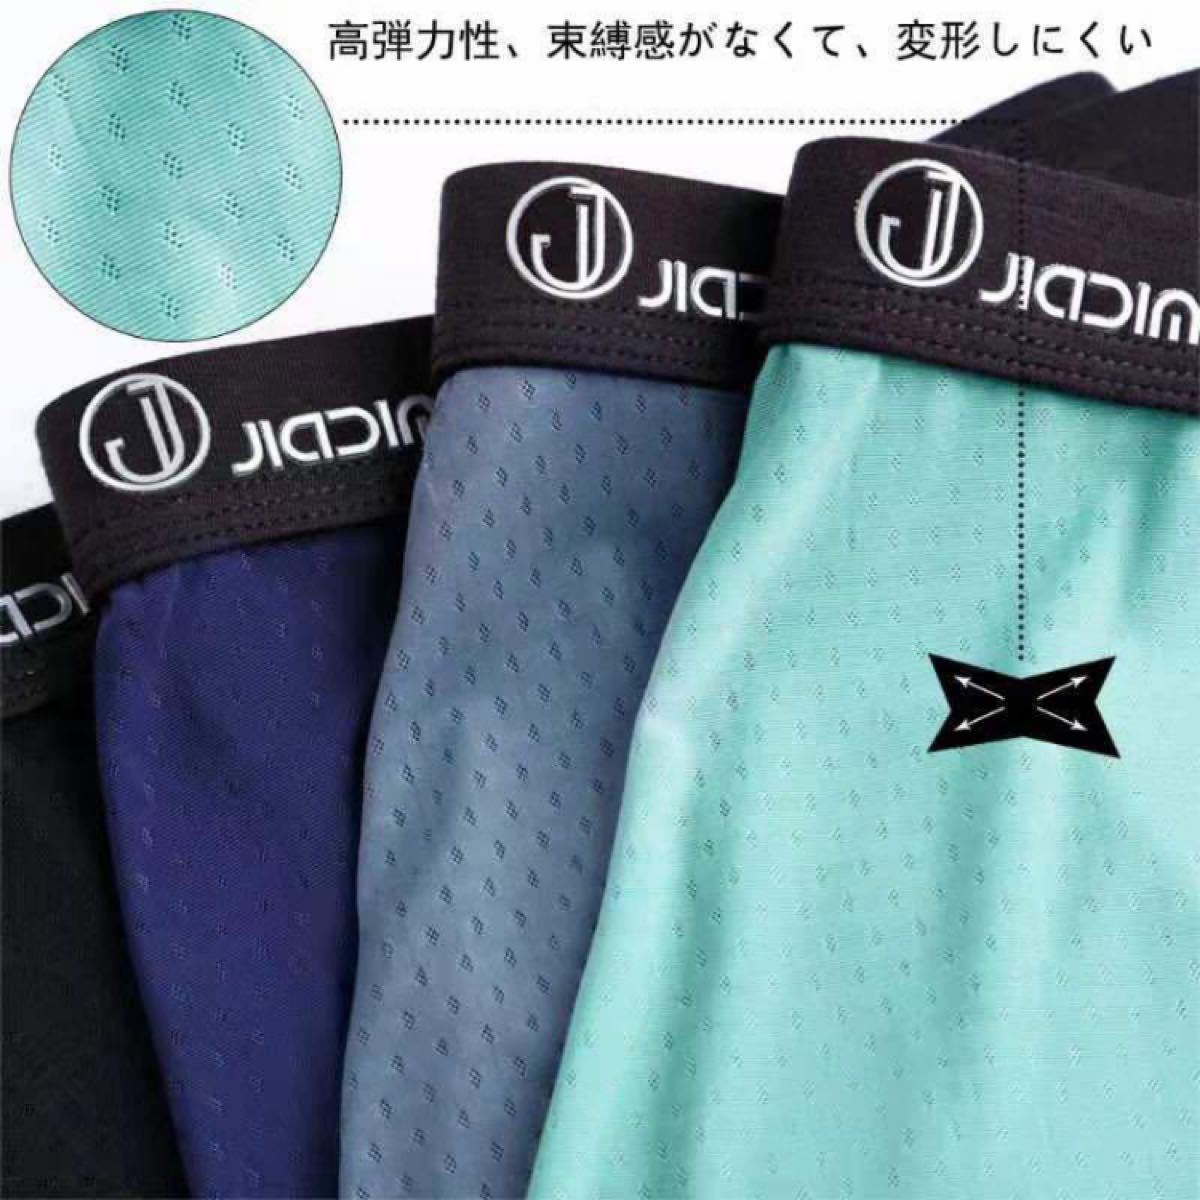 ボクサーパンツ メンズ ブリーフ アイスシルク 超薄い シームレス 快適 ムレない 吸水速乾 4枚 セット3XL